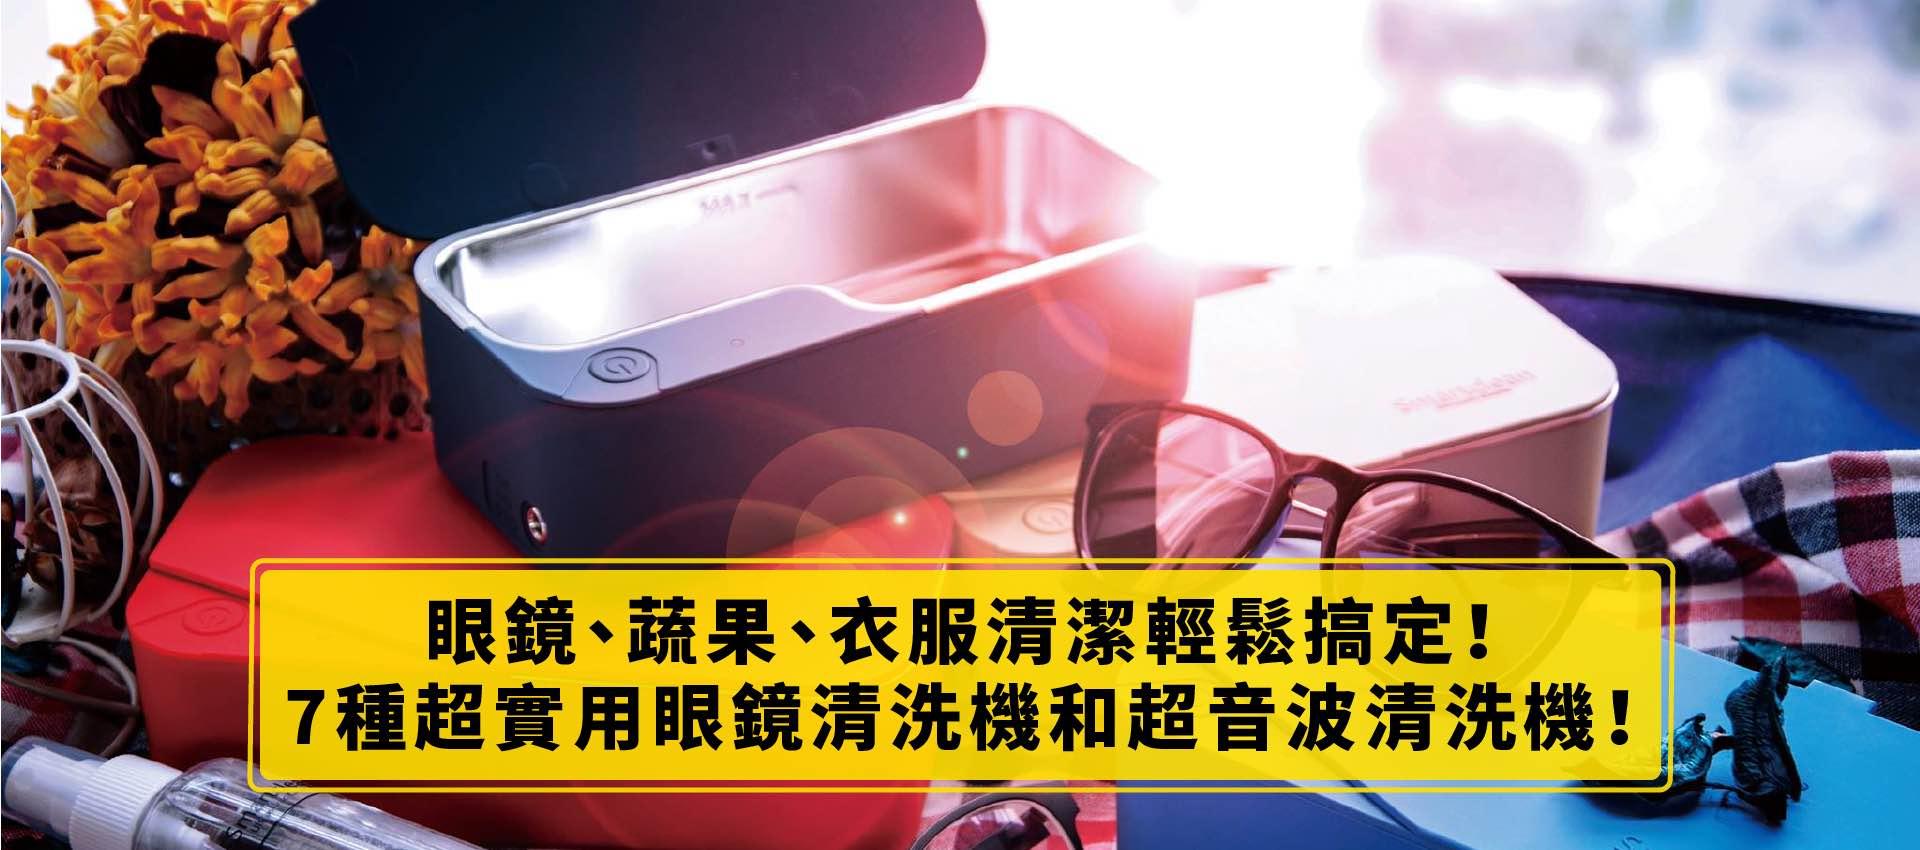 7款好用超音波清洗機推薦!眼鏡、首飾、衣物清潔輕鬆搞定